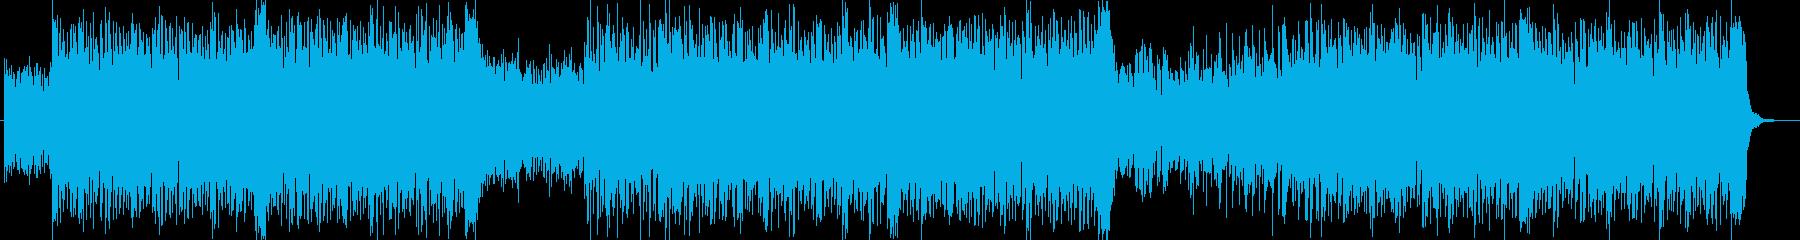 スピーディーで軽快な近未来テクノポップの再生済みの波形